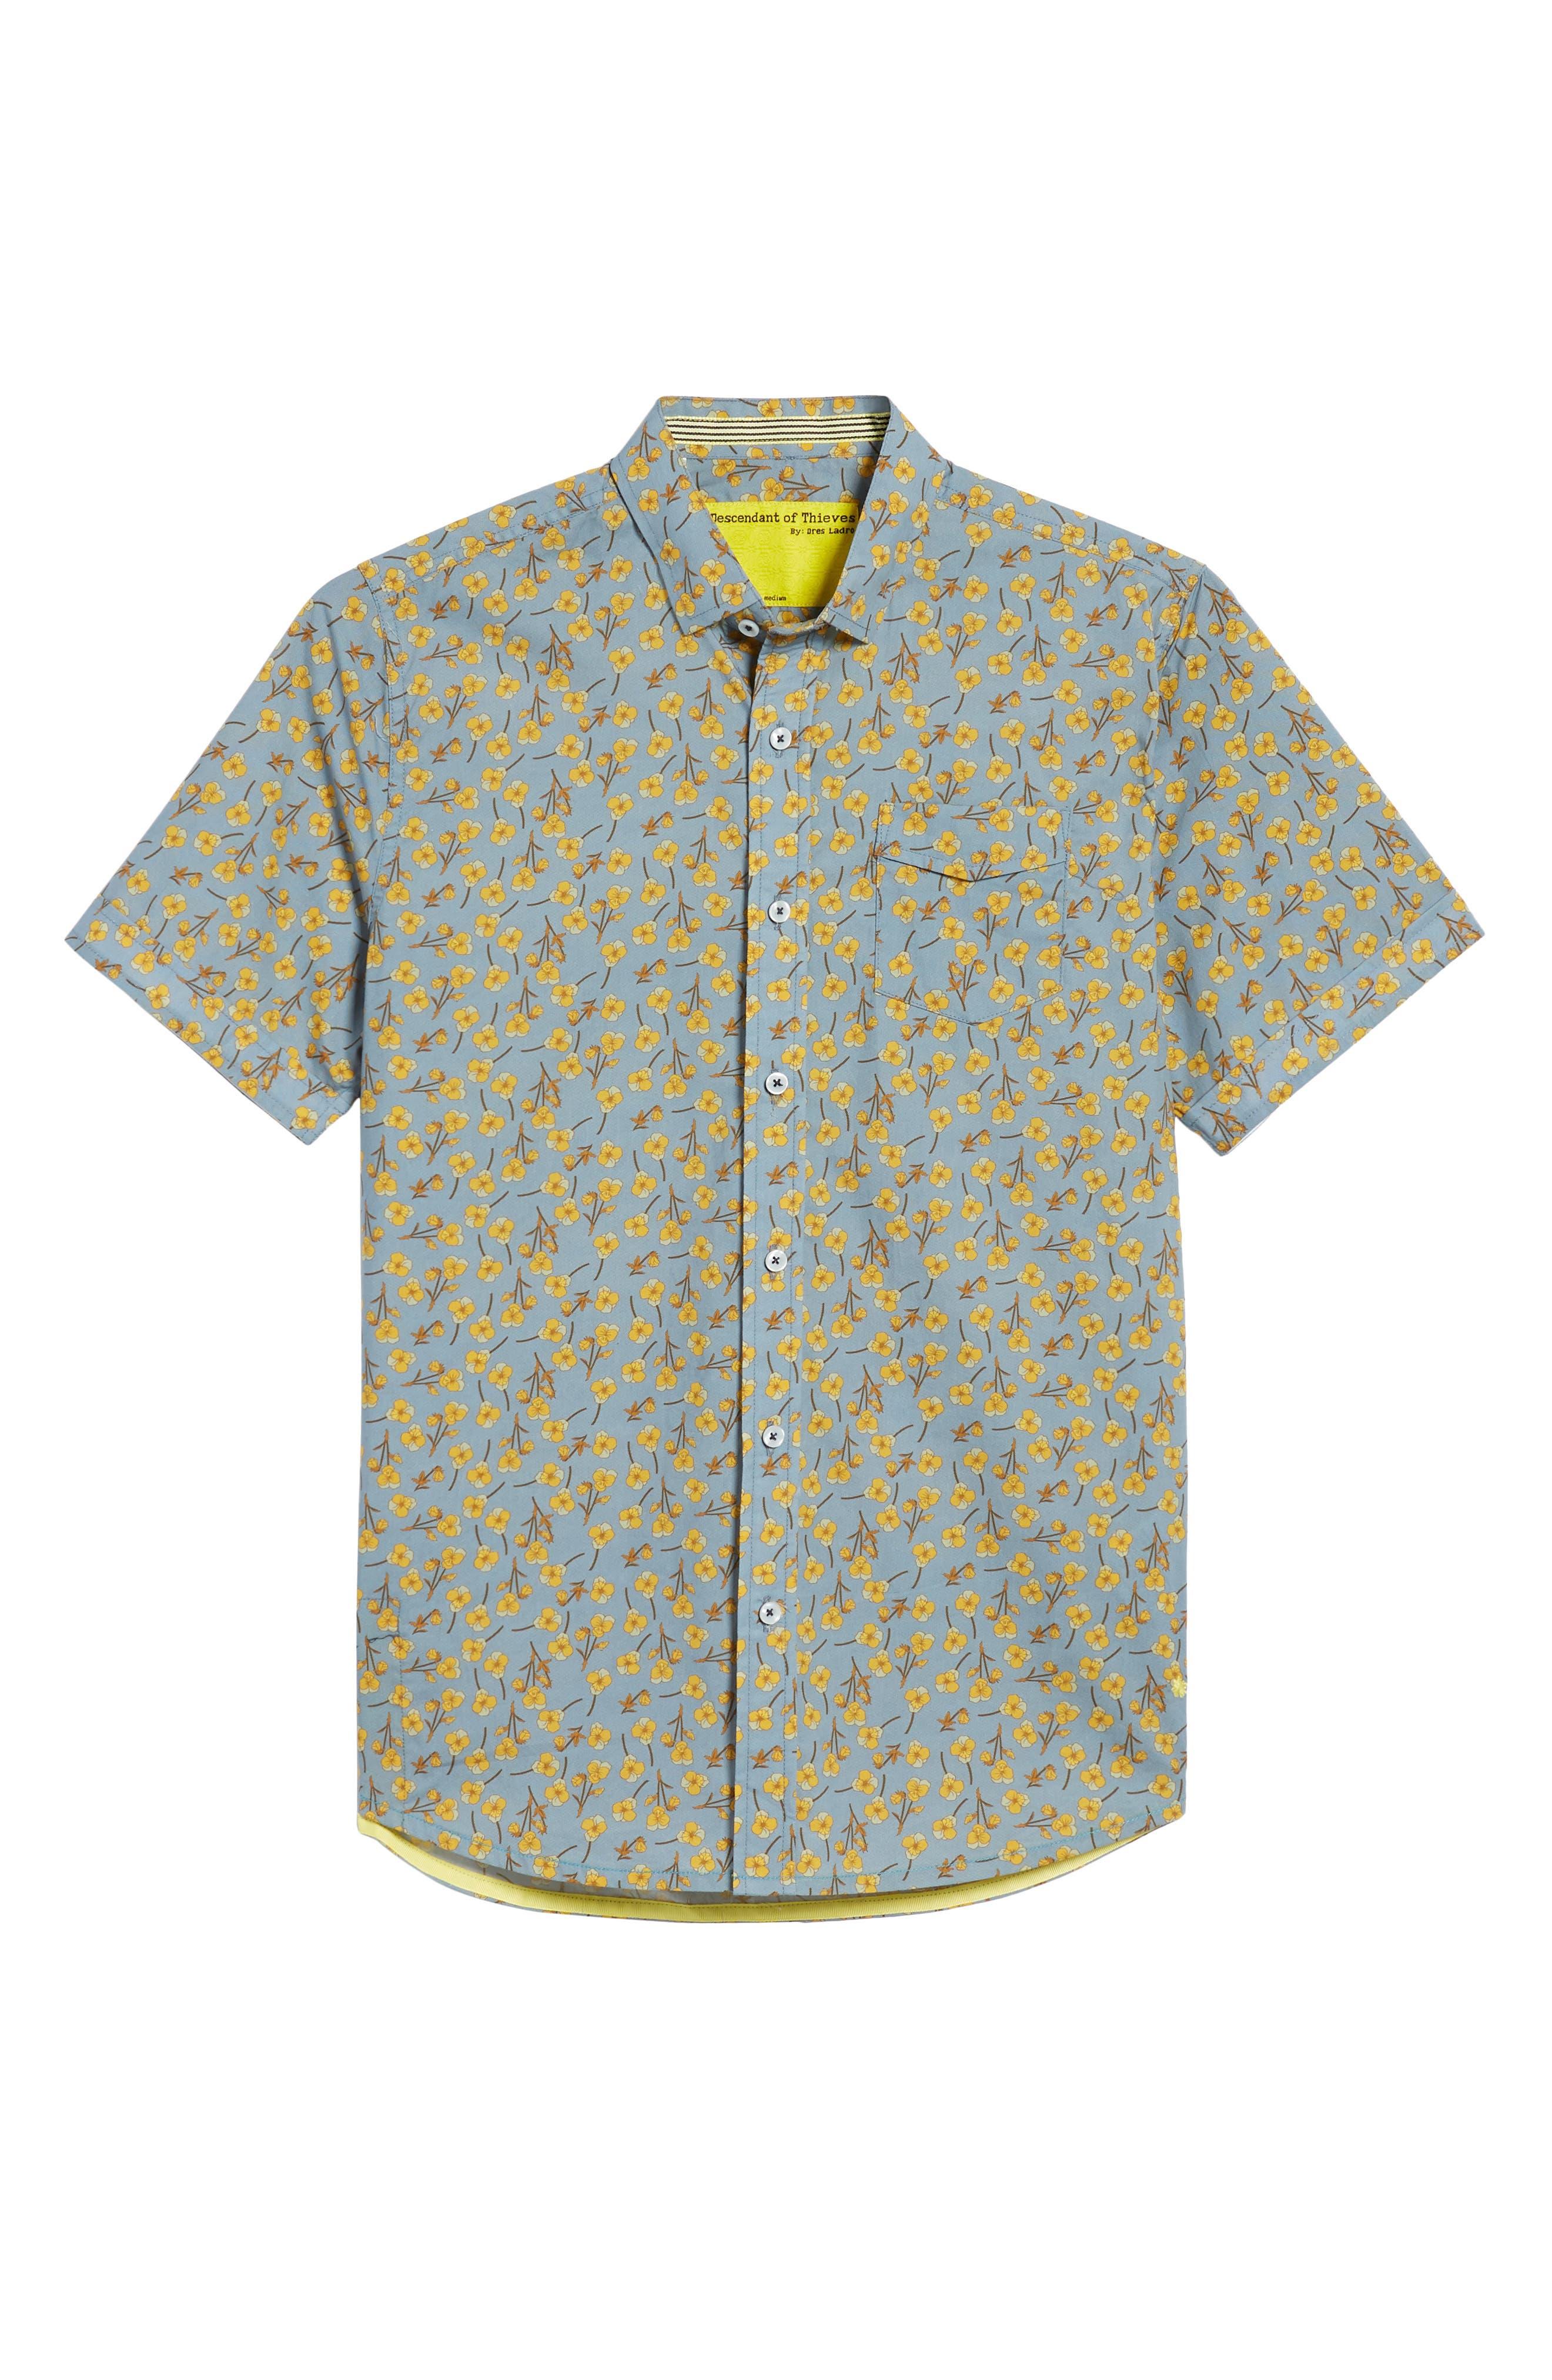 Golden Flower Shirt,                             Alternate thumbnail 6, color,                             Gold